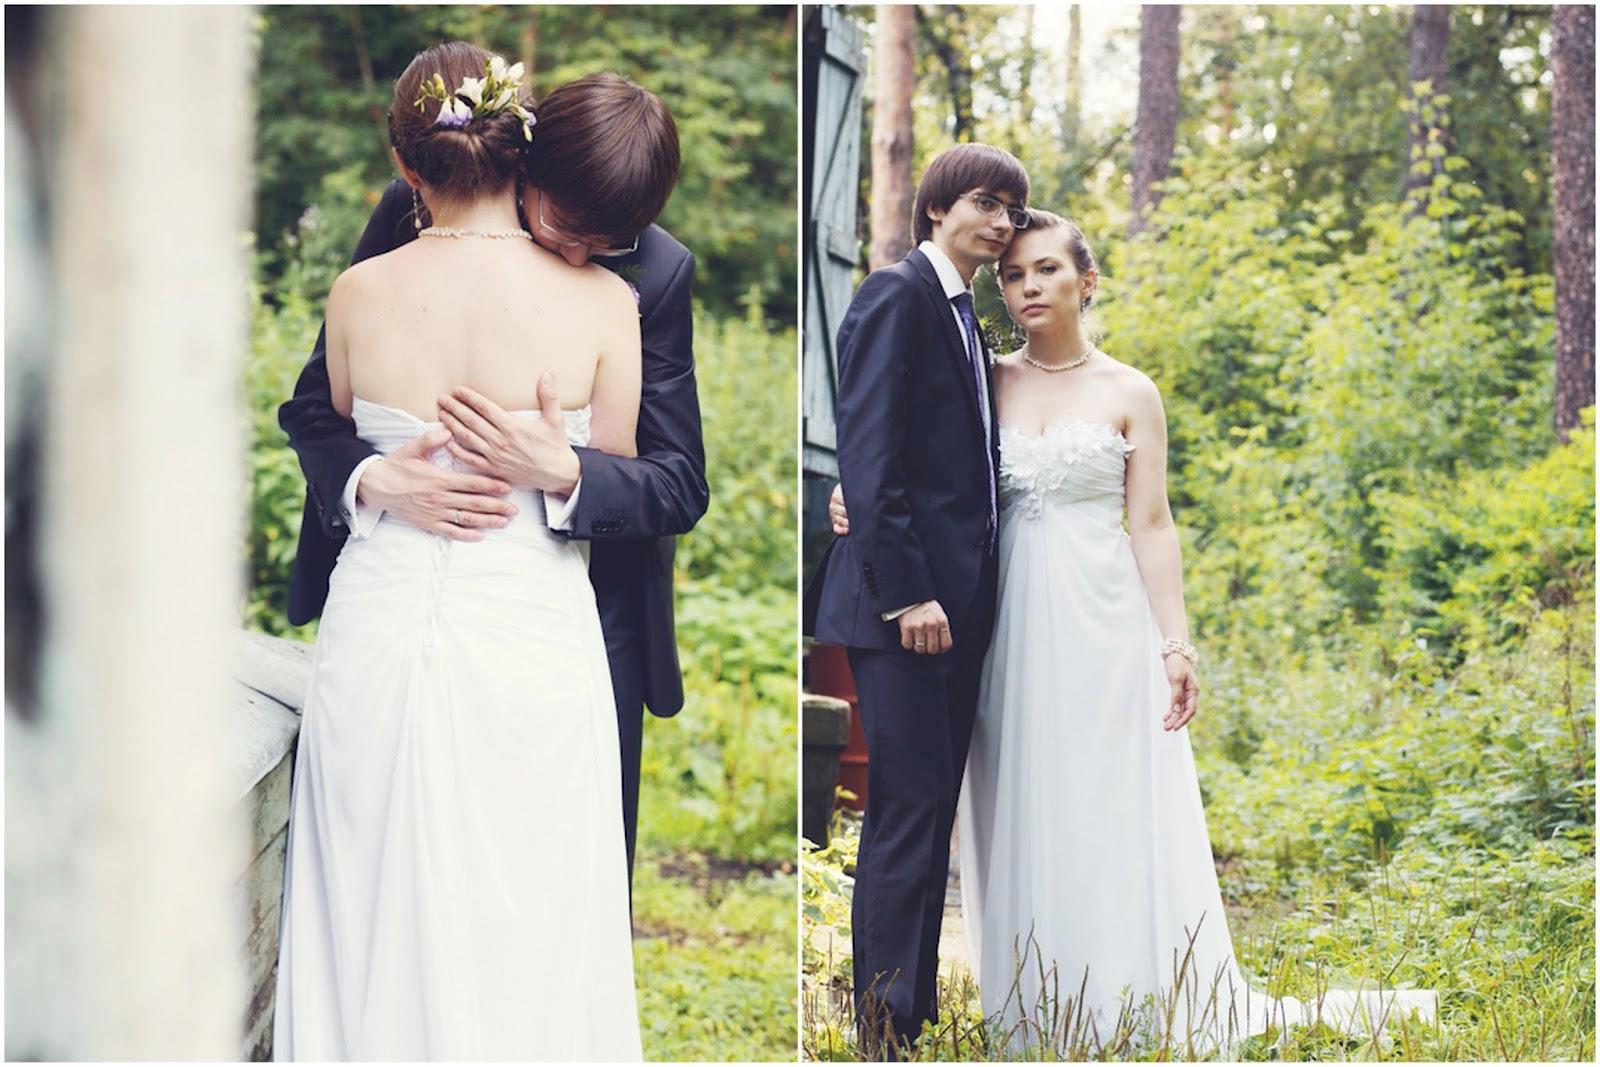 Свадебные фото Марии Куликовой : Шоу-бизнес : Дни. ру 203